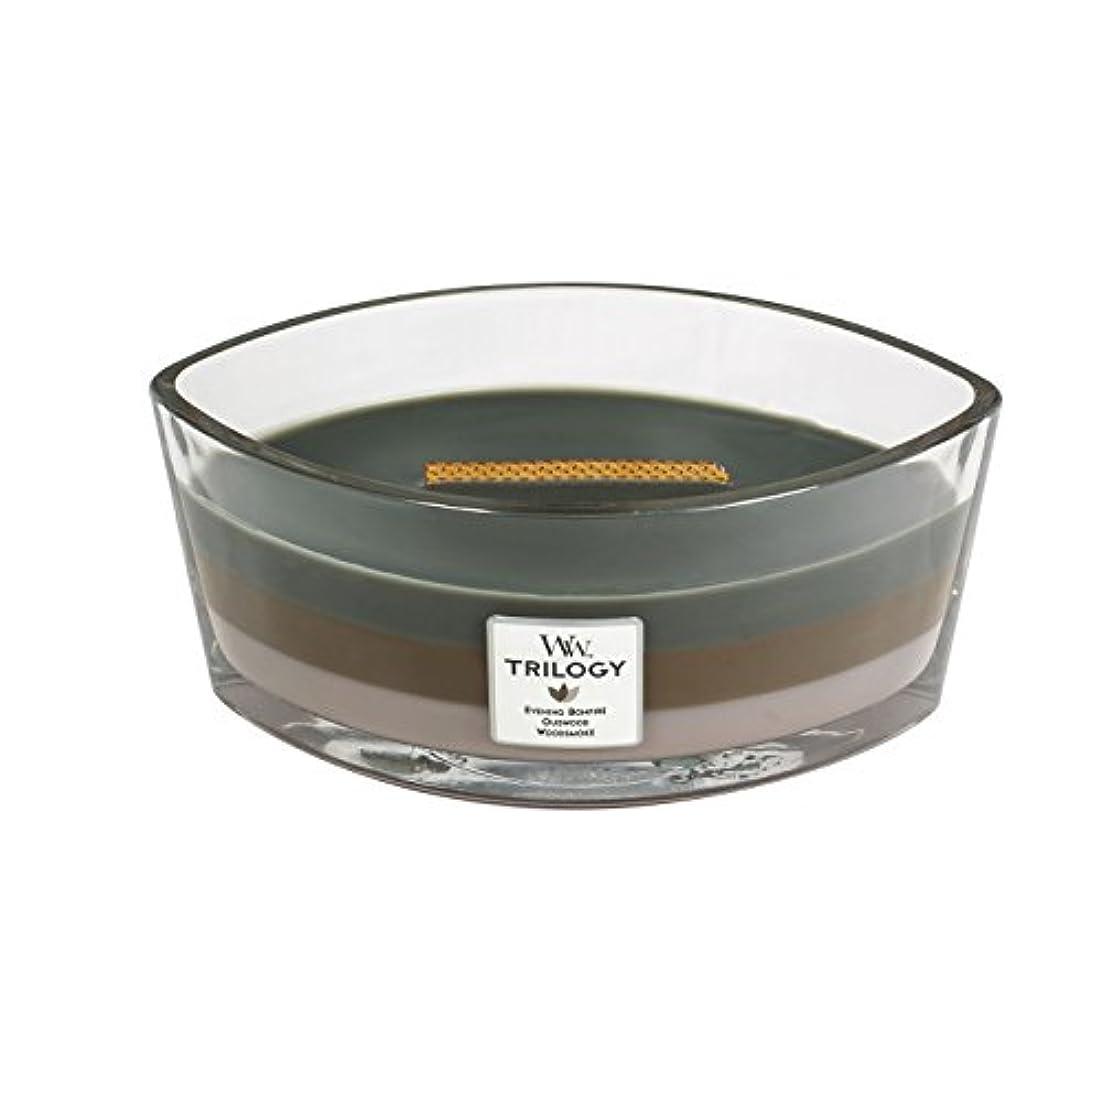 隠された国歌繁栄するWoodWick Trilogy cosy CABIN, 3-in-1 Highly Scented Candle, Ellipse Glass Jar with Original HearthWick Flame, Large...